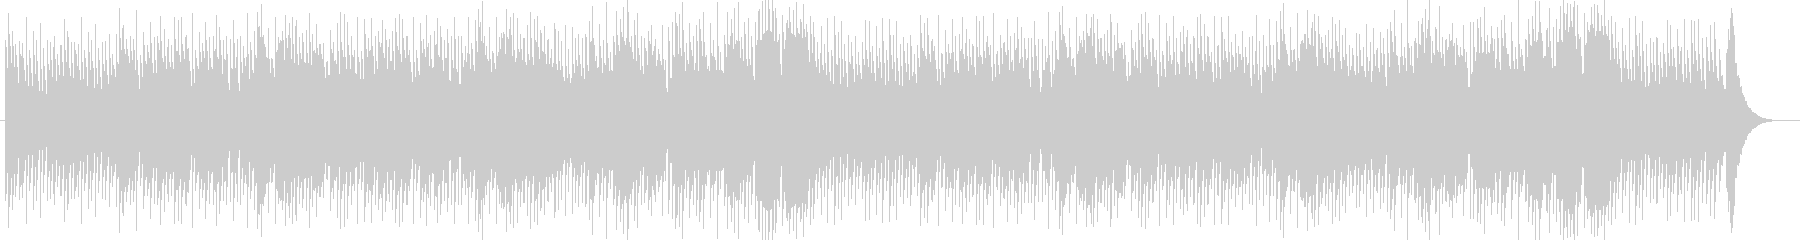 ギター&チェロ&ピアノの落ち着くBGMの未再生の波形